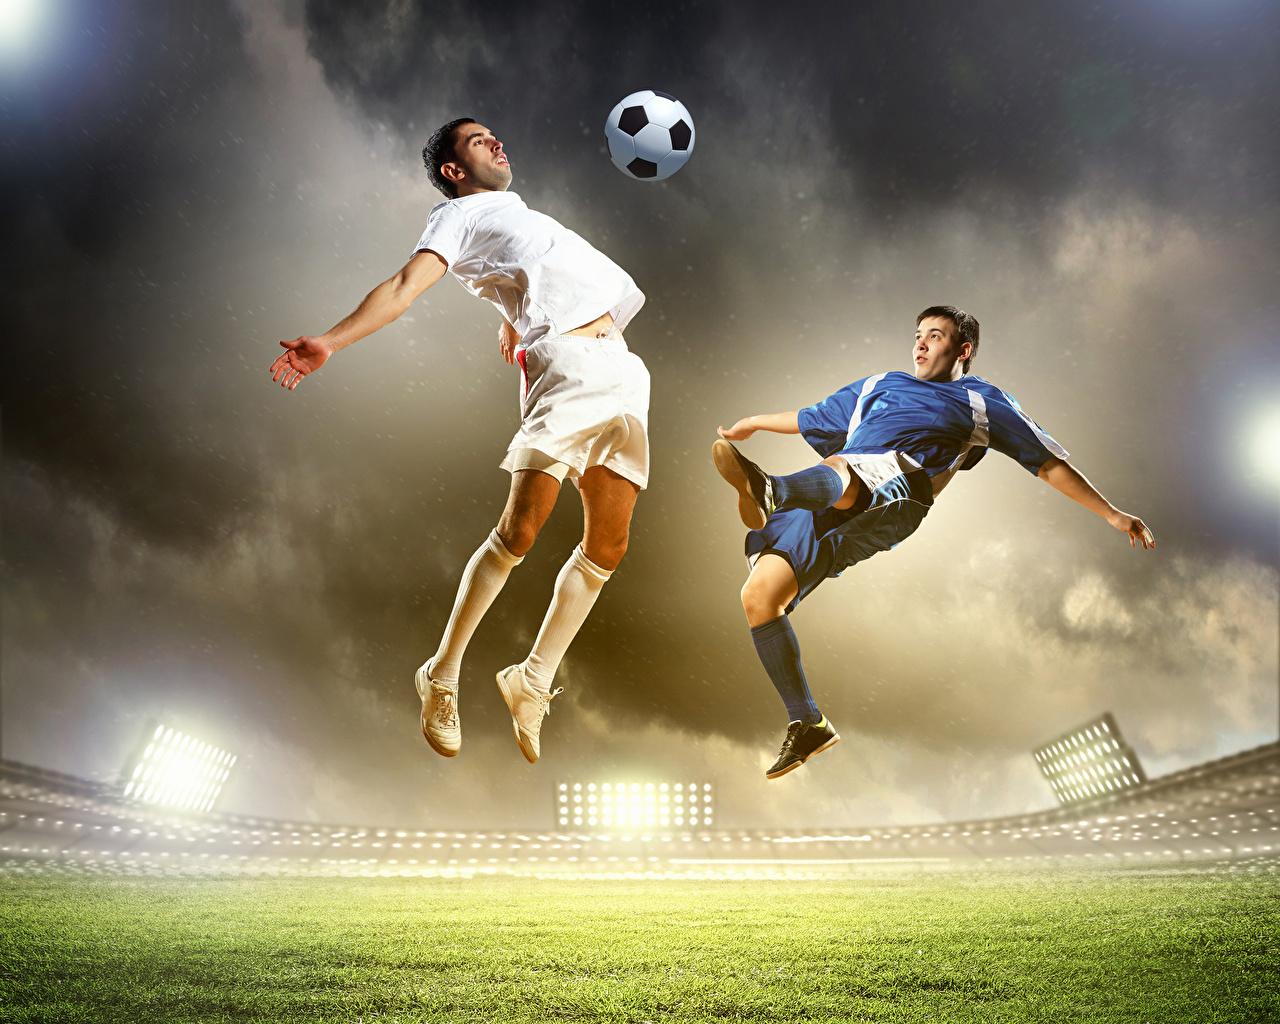 Bilder von Mann Zwei Sport Fußball Sprung Ball Uniform 2